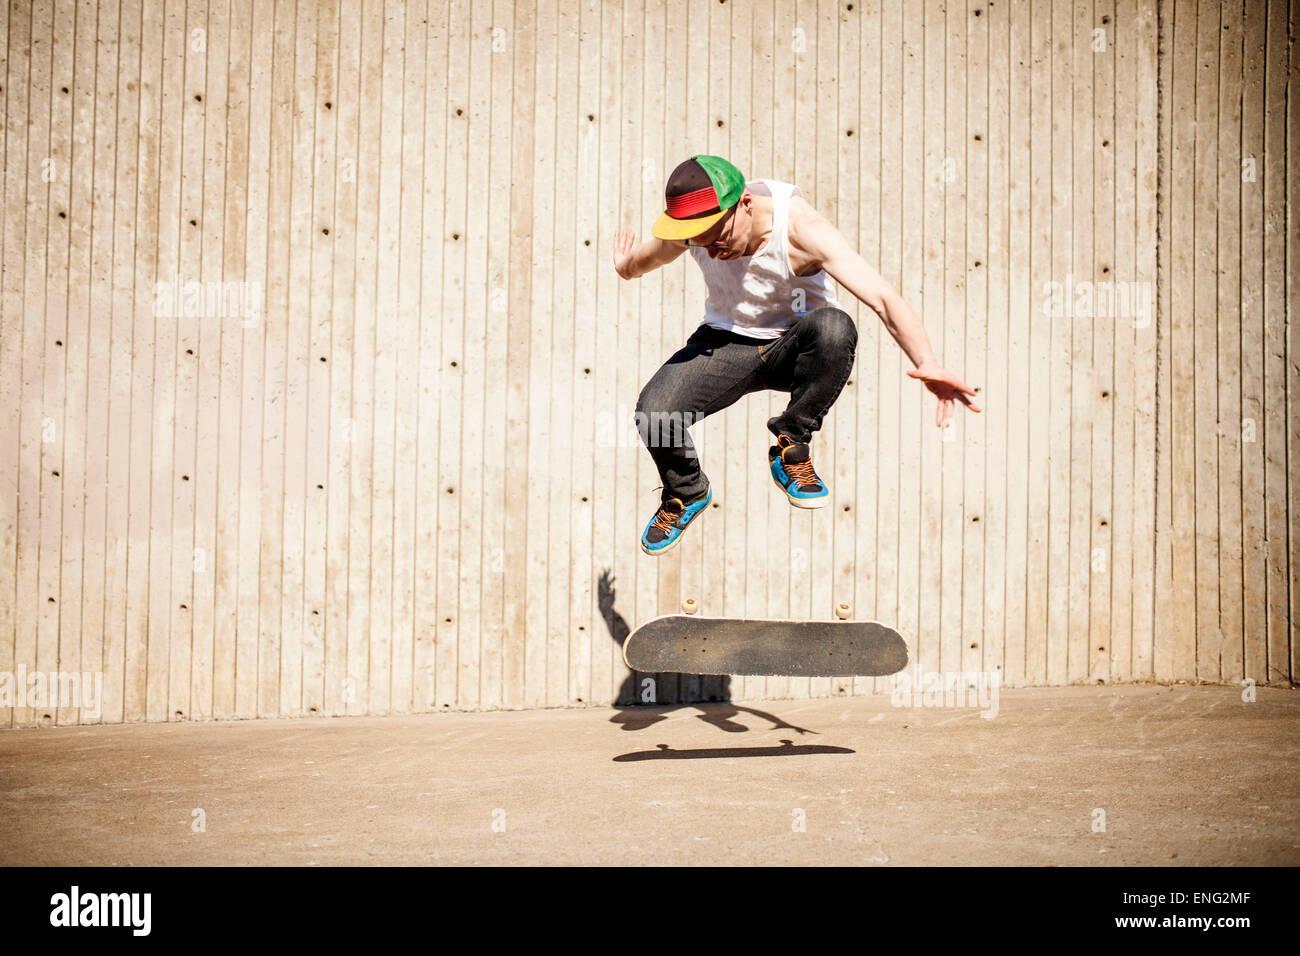 Uomo caucasico facendo skate trick vicino a parete in legno Immagini Stock